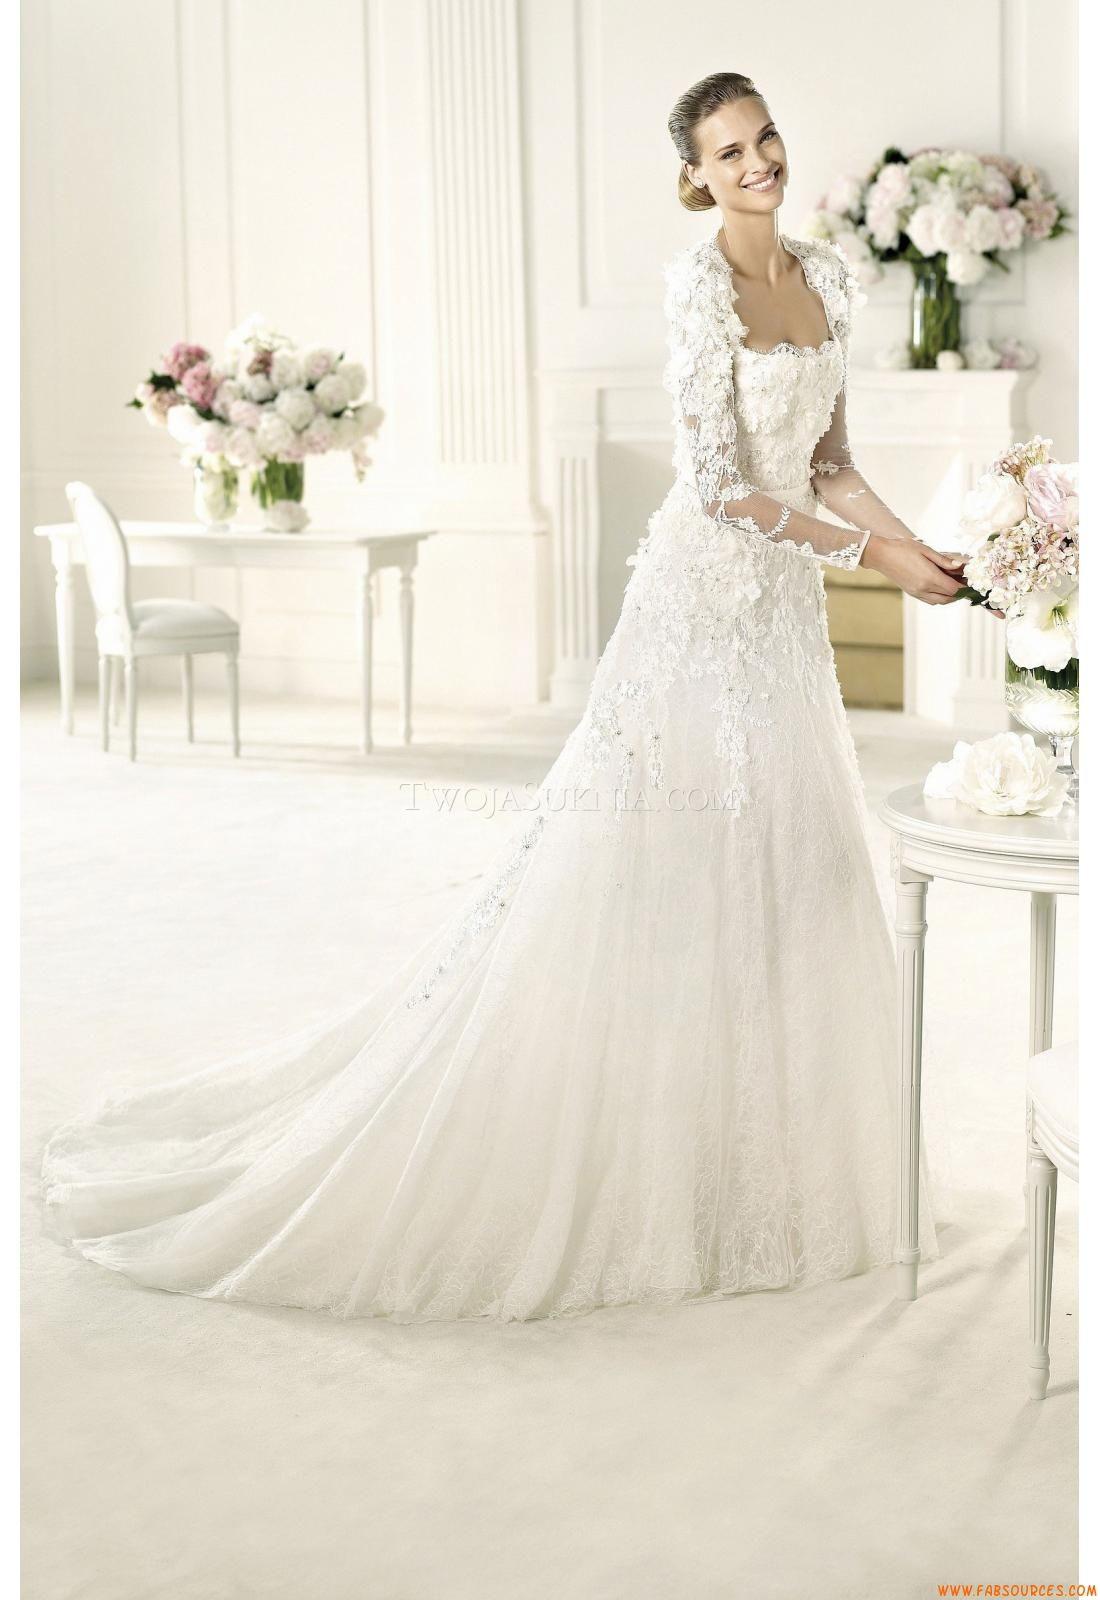 Robes de mariée pronovias lyon elie by elie saab robe de